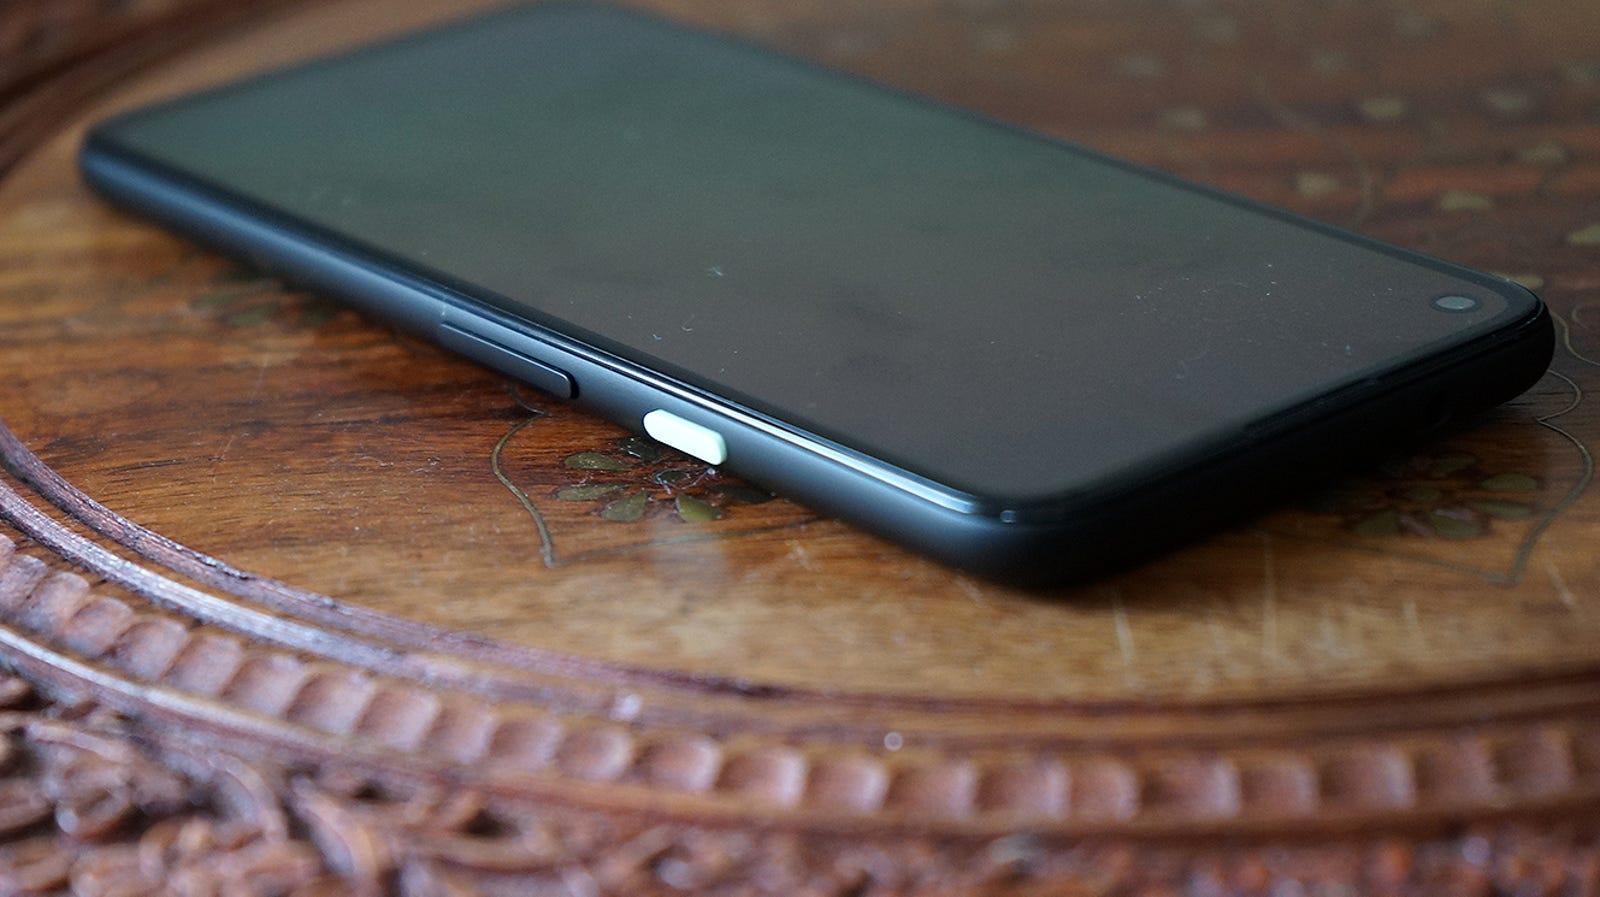 El botón de encendido es lo único que destaca en un rectángulo negro completamente minimalista.